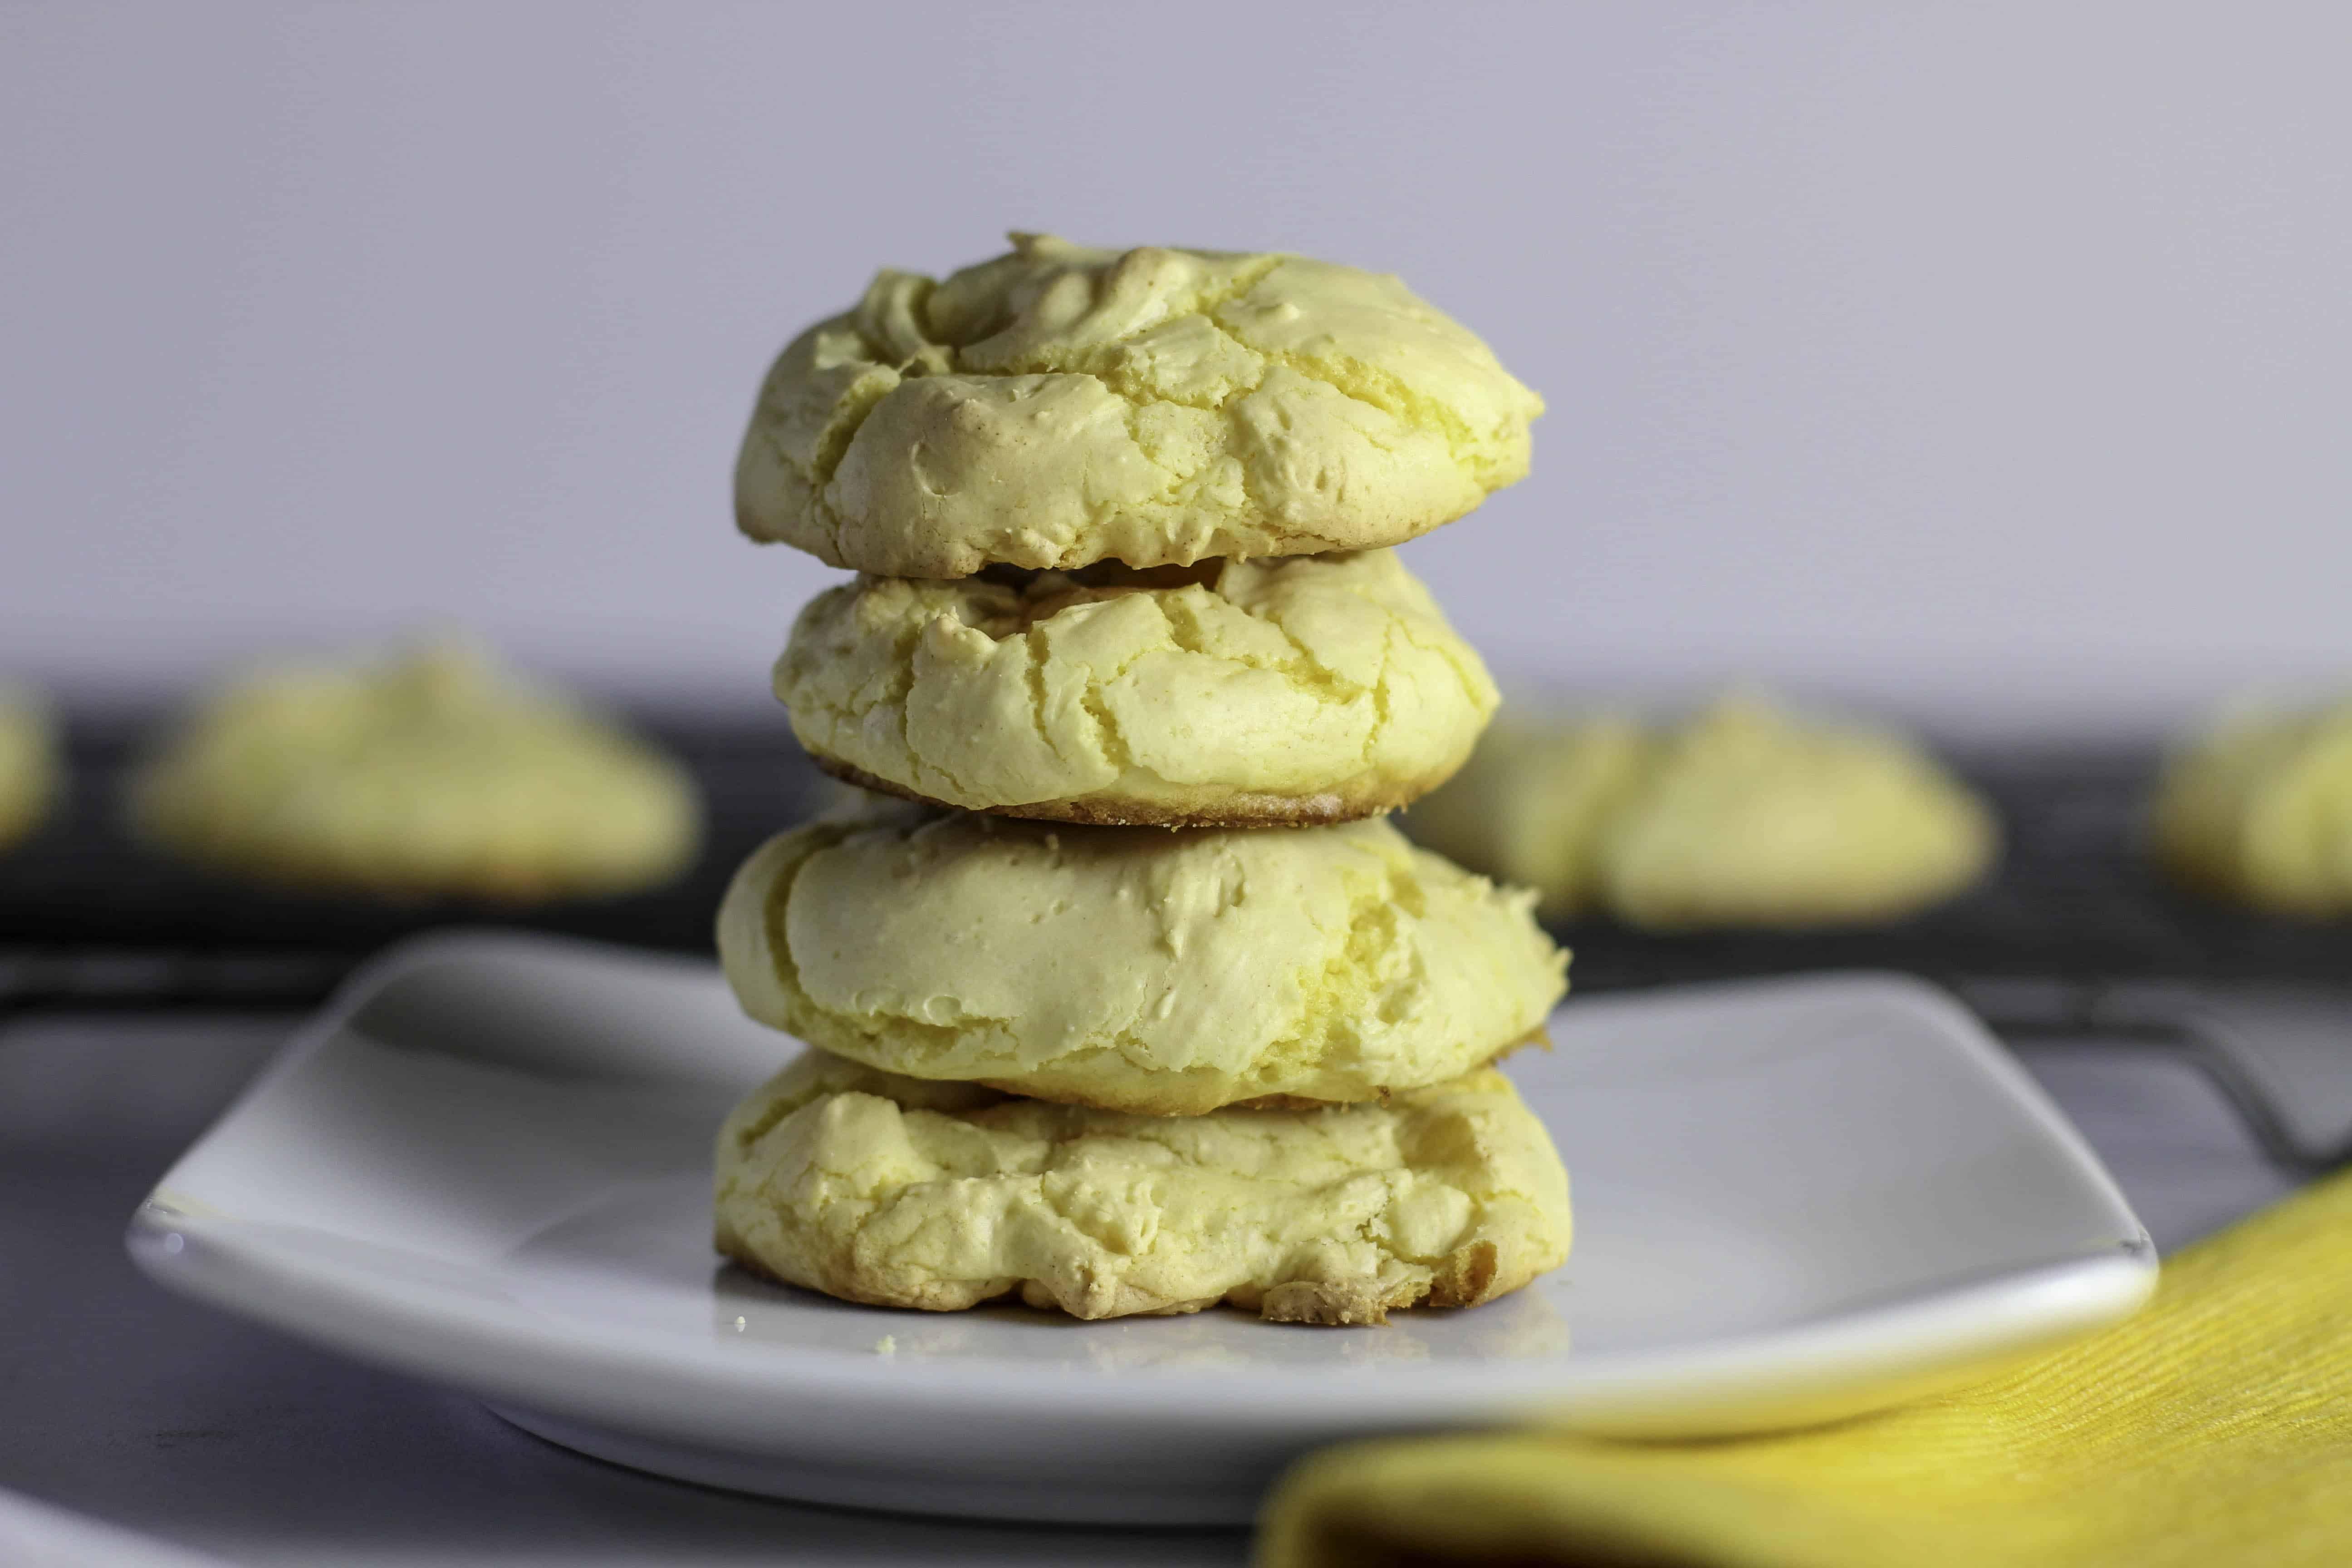 Lemon Cake Recipes On Pinterest: Lemon Cake Mix Cookies Recipe